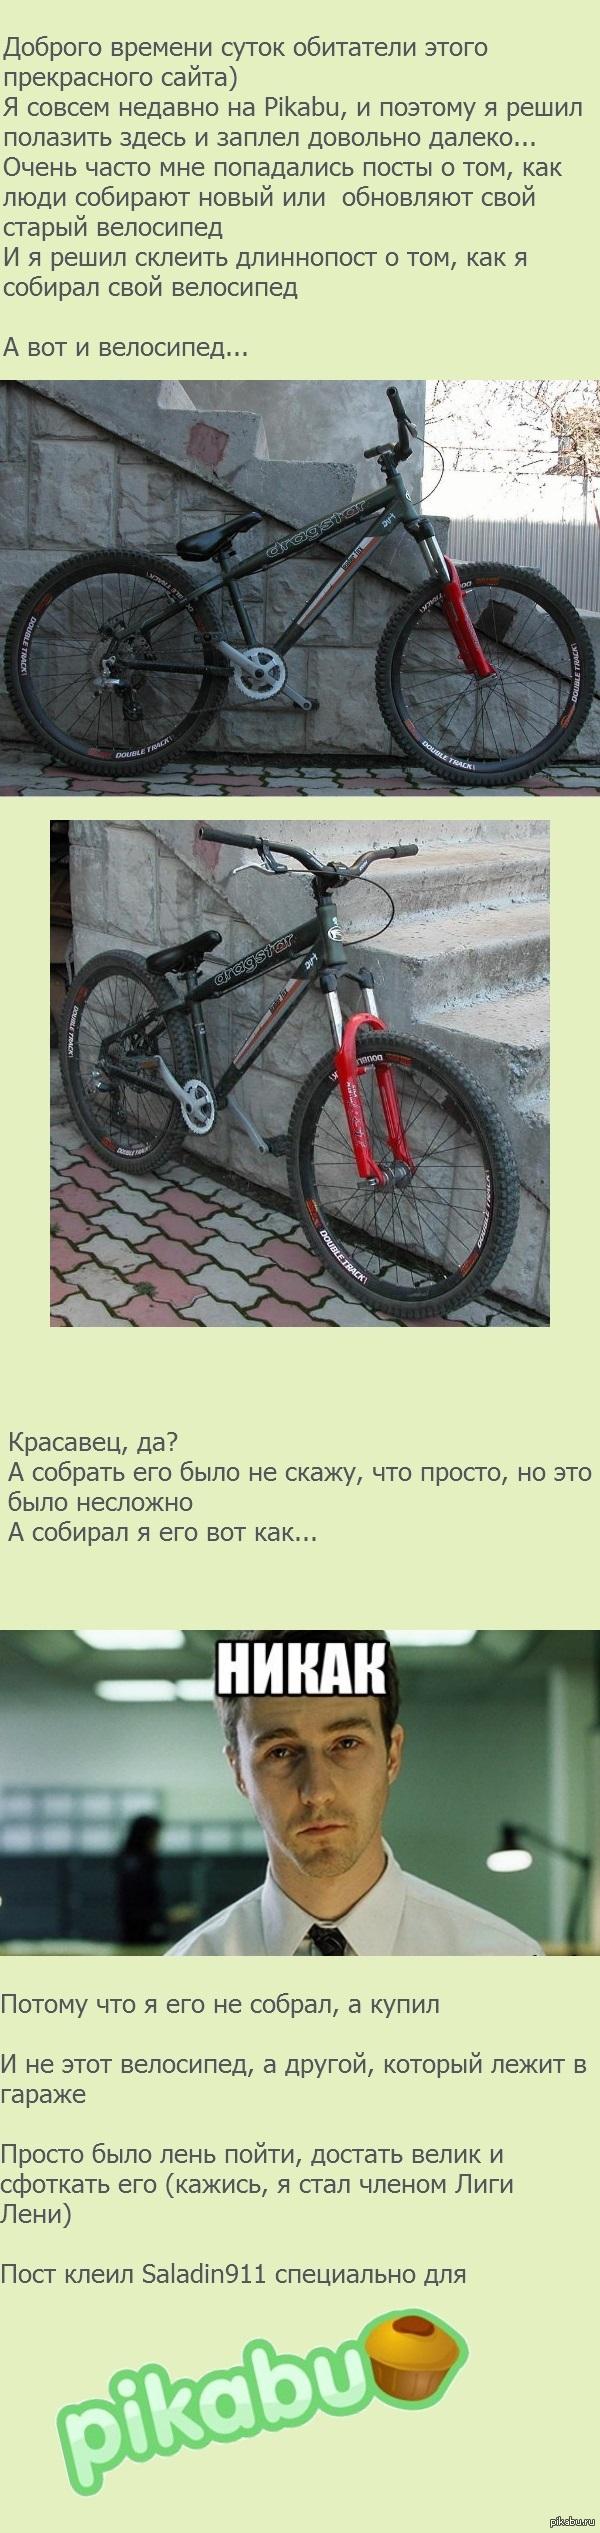 Сборка велосипеда... В связи с участившимися постами о велосипедах